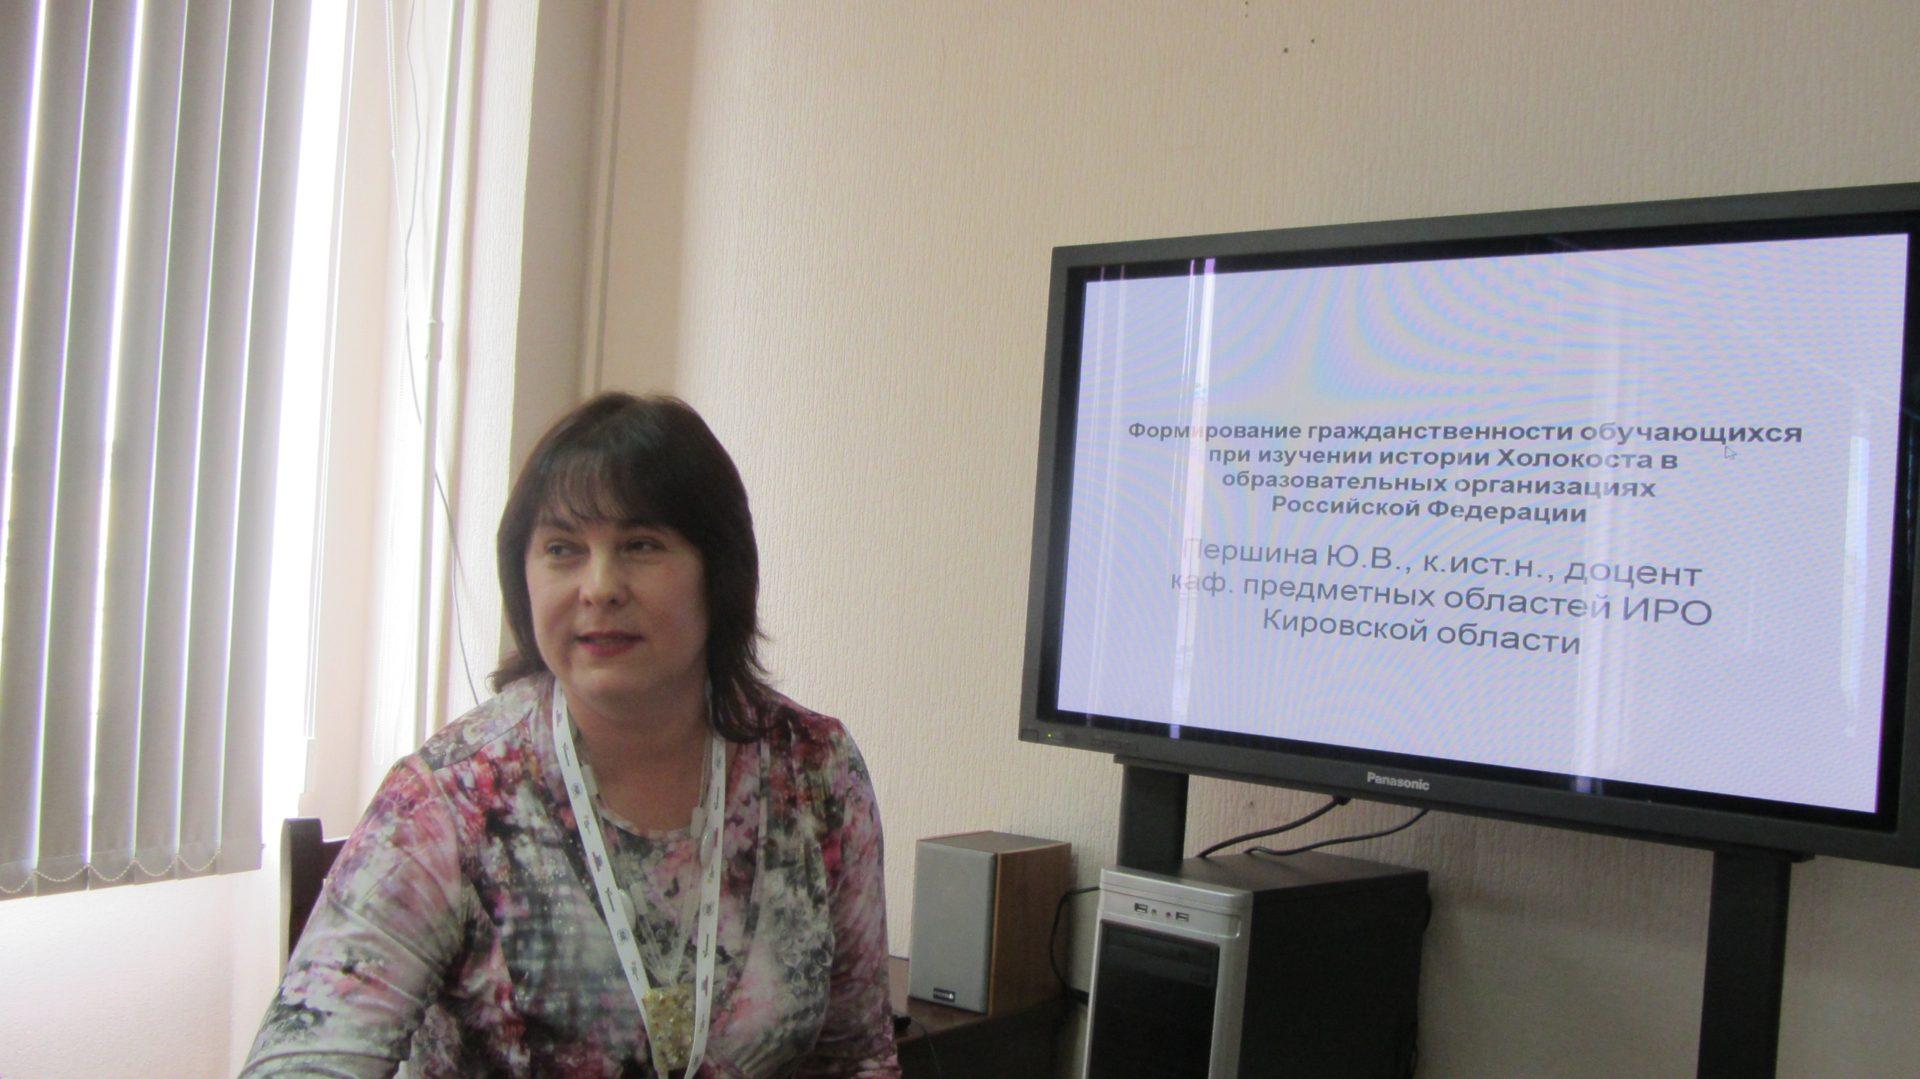 Региональный представитель Центра «Холокост» стала победителем всероссийского конкурса